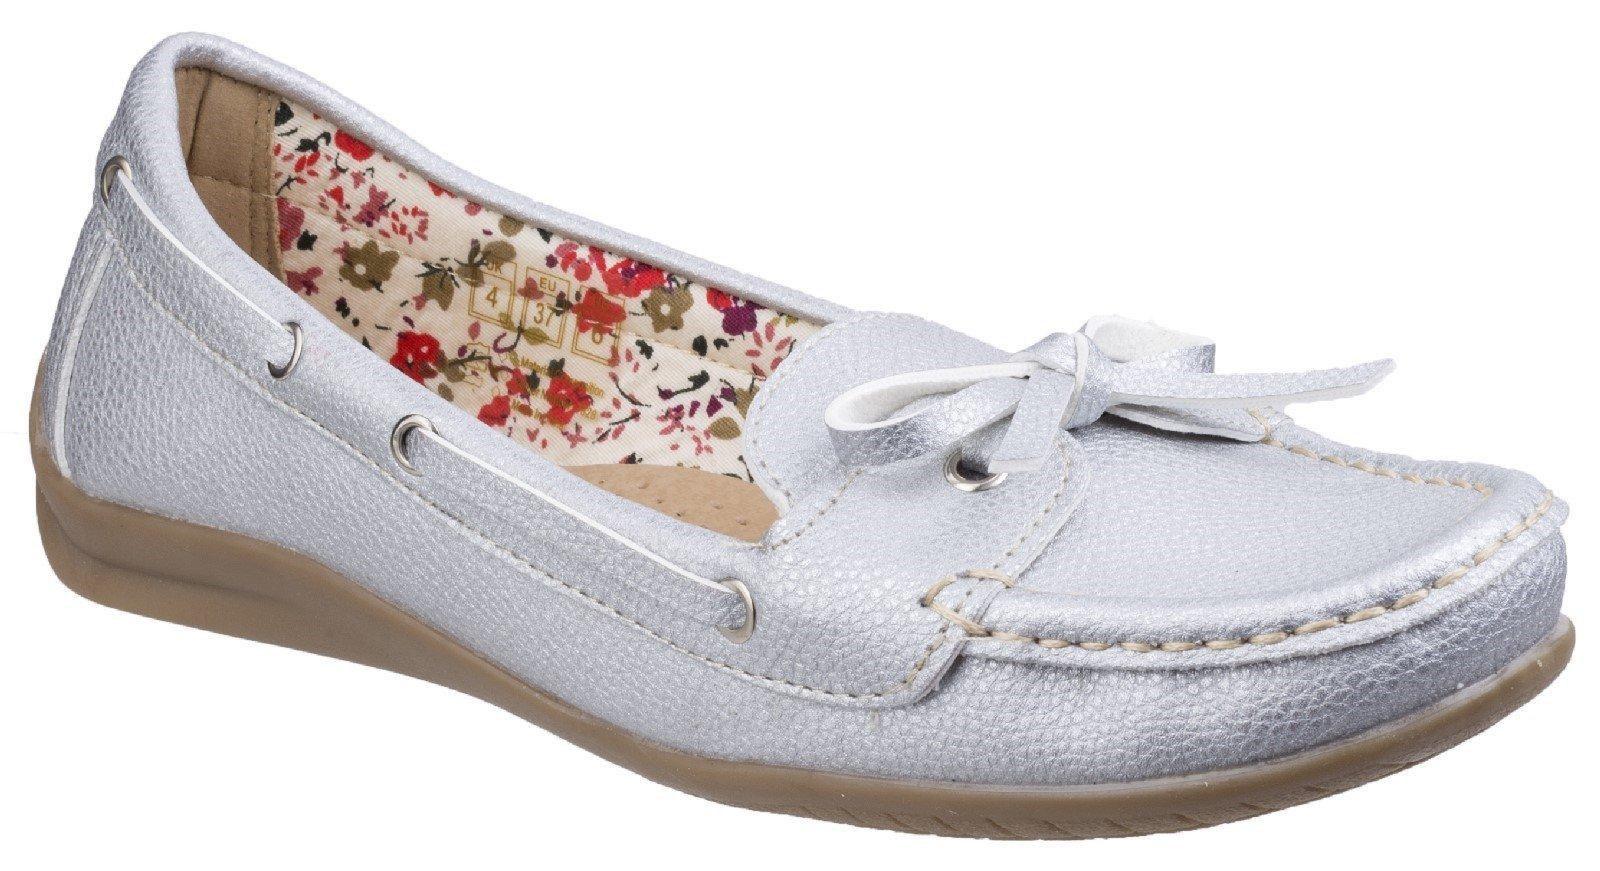 Fleet & Foster Women's Alicante Boat Shoe White 26304-43897 - Silver 3